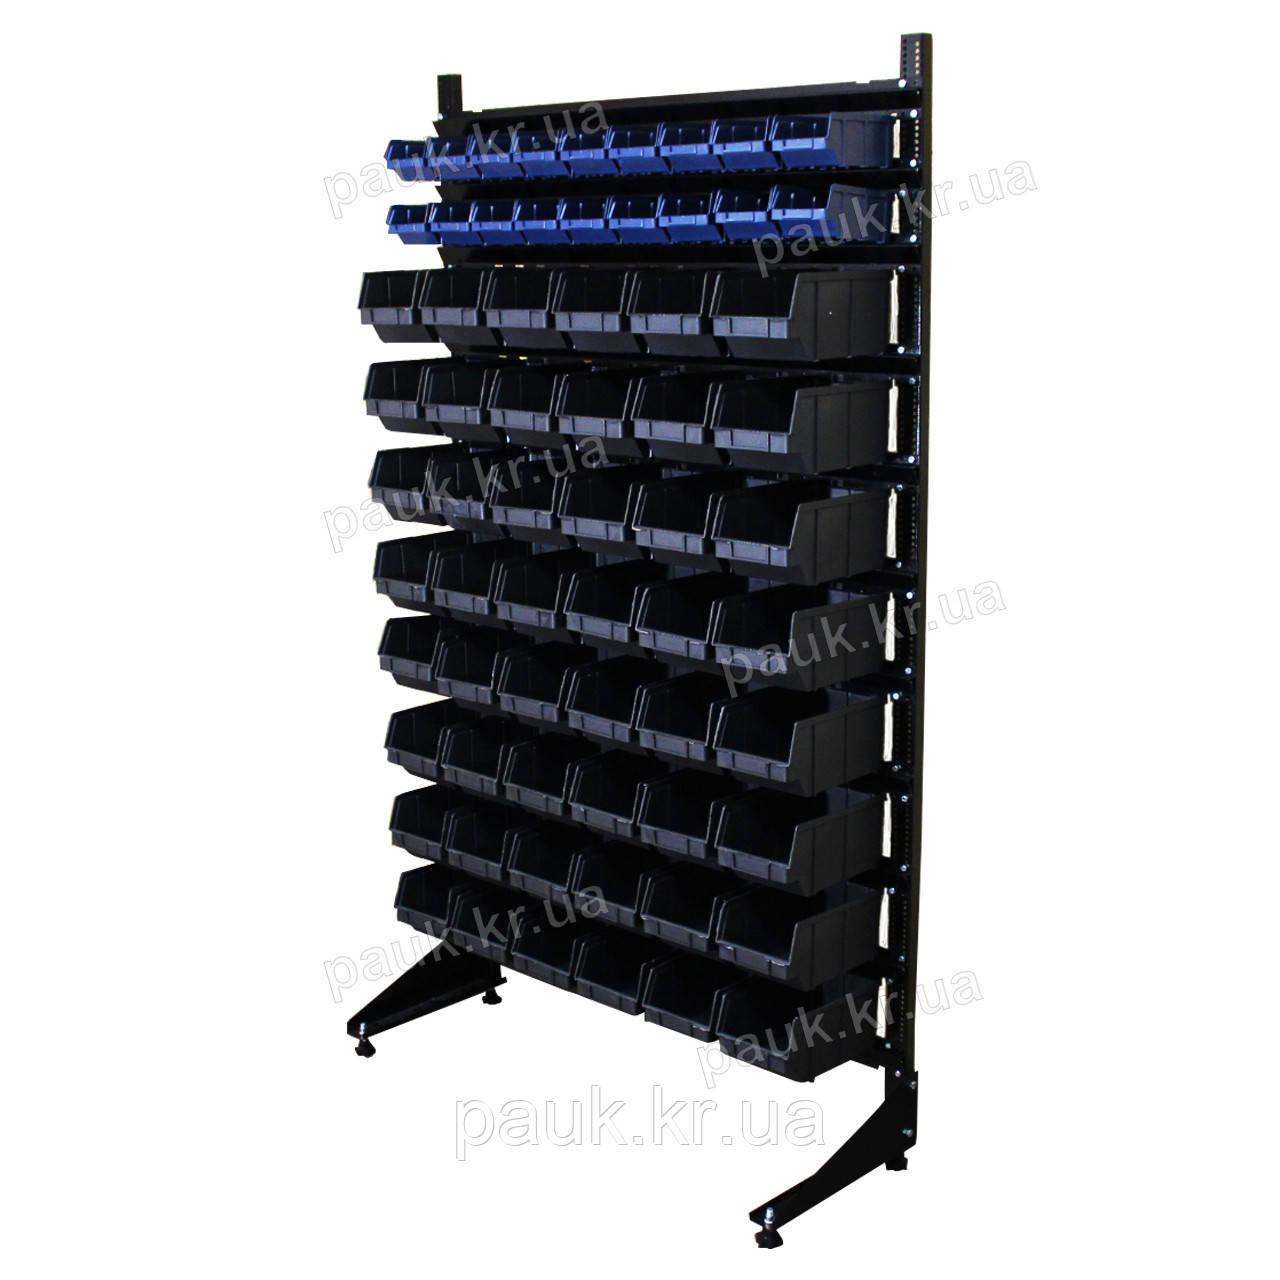 Торговий стелаж для дрібних деталей 1800 мм 66 ящиків, чорні ящики В / С